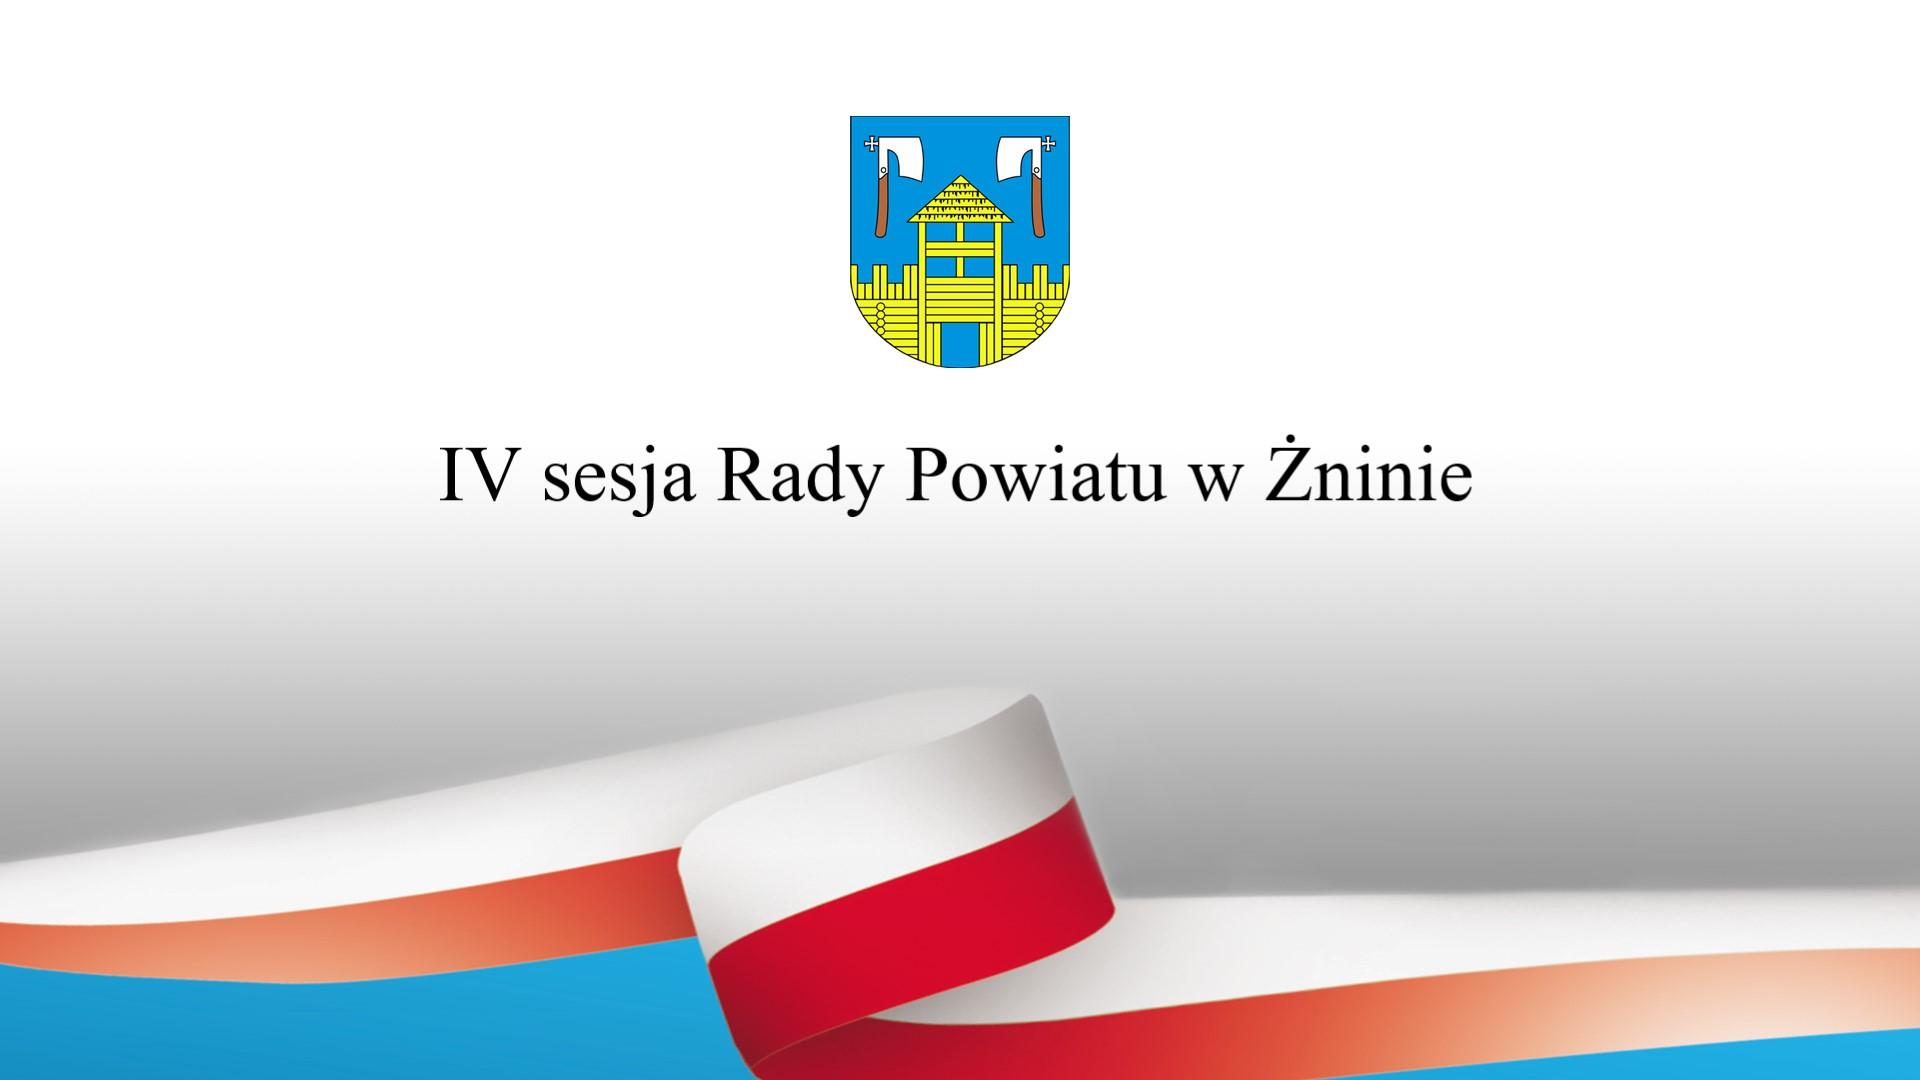 powiatzninski/IV_sesja_Rady_Powiatu_w_Żninie.jpg